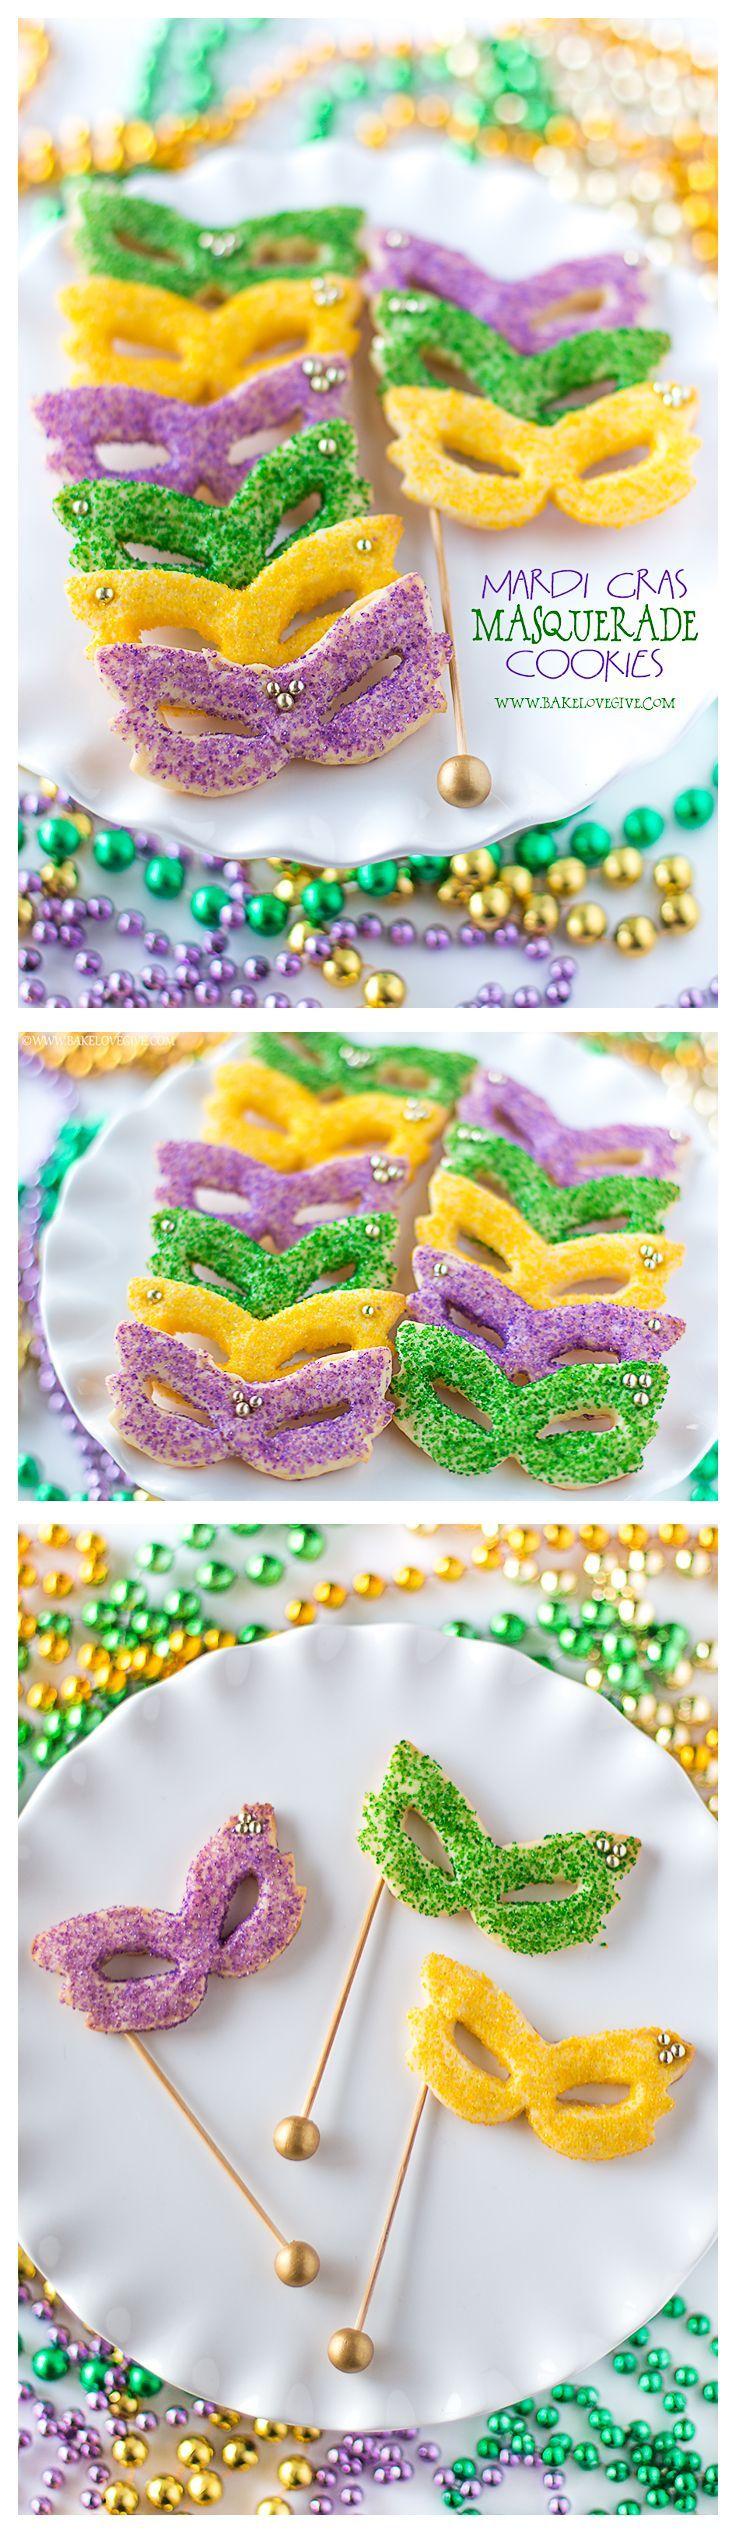 Mardi gras masquerade sugar cookies – #MardiGras